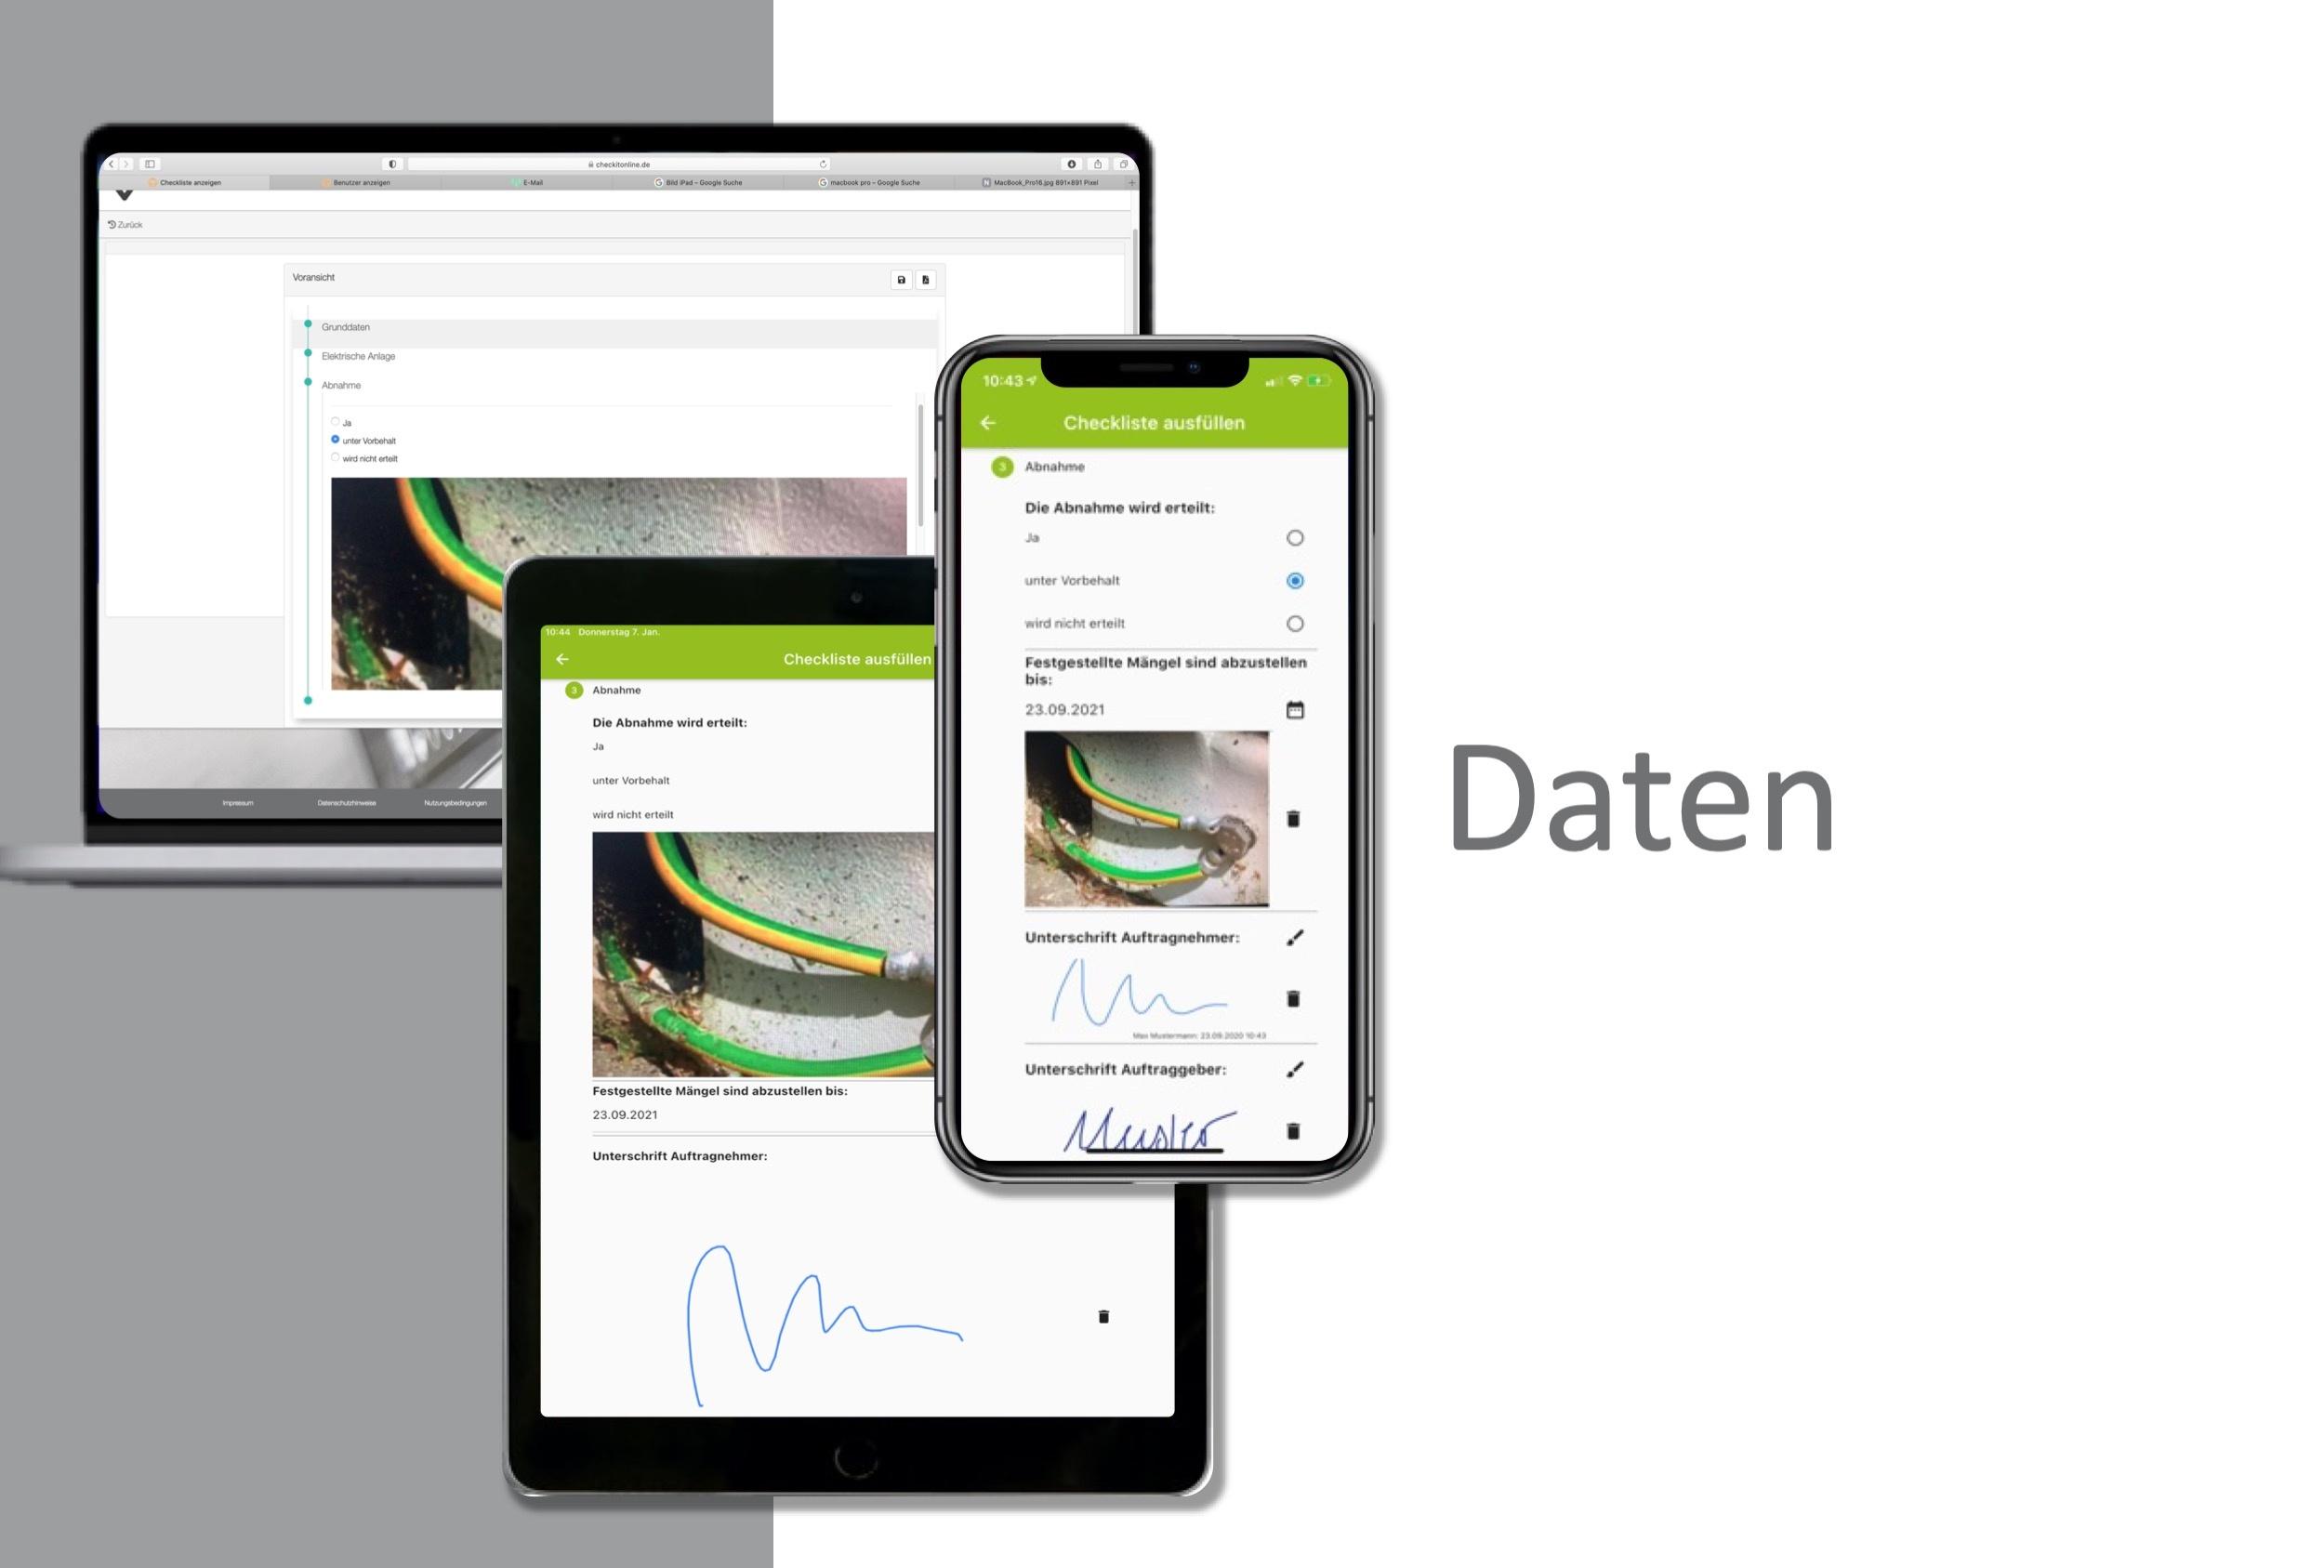 Daten können auf verschiedenen Geräten synchronisiert werden.